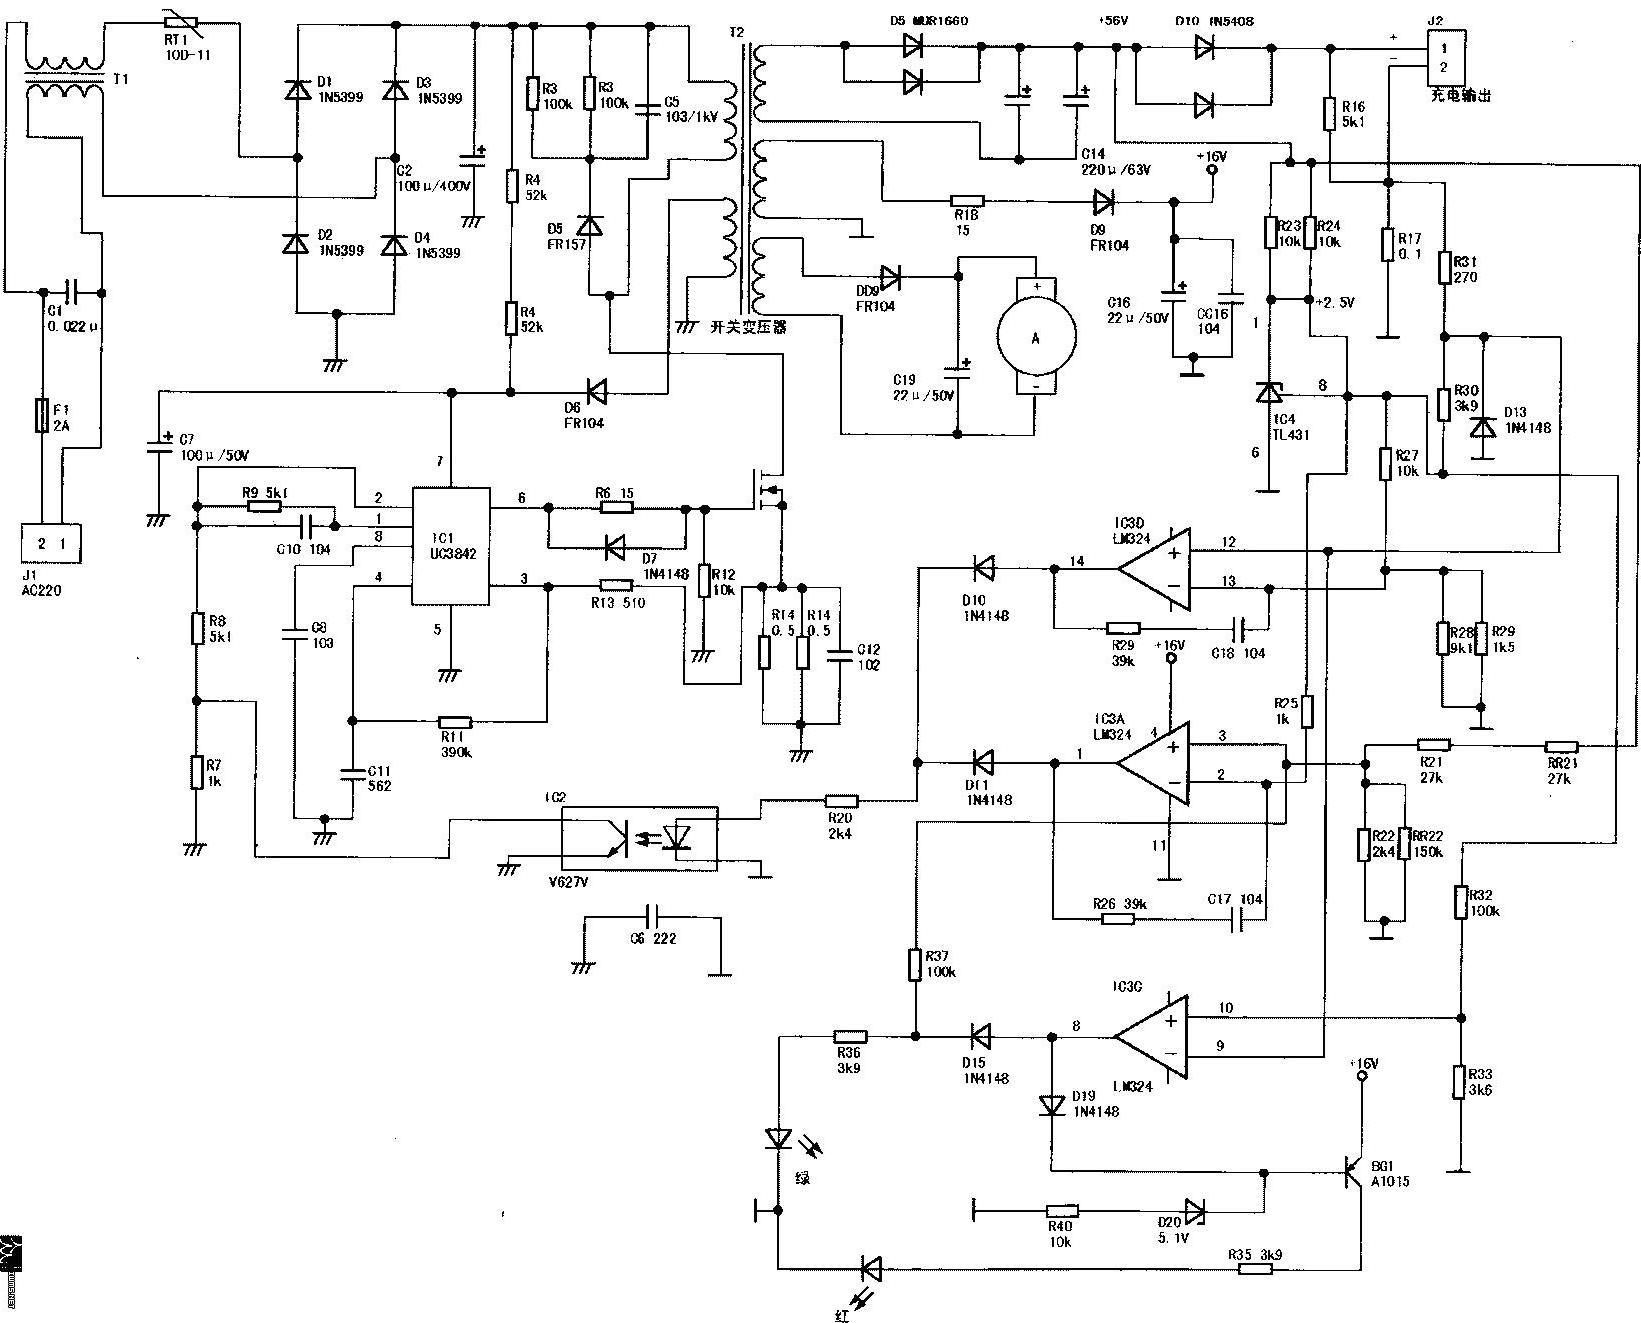 暂未定制 向ta提问私信ta  展开全部 我手上正好有一个洪都48v充电器图片